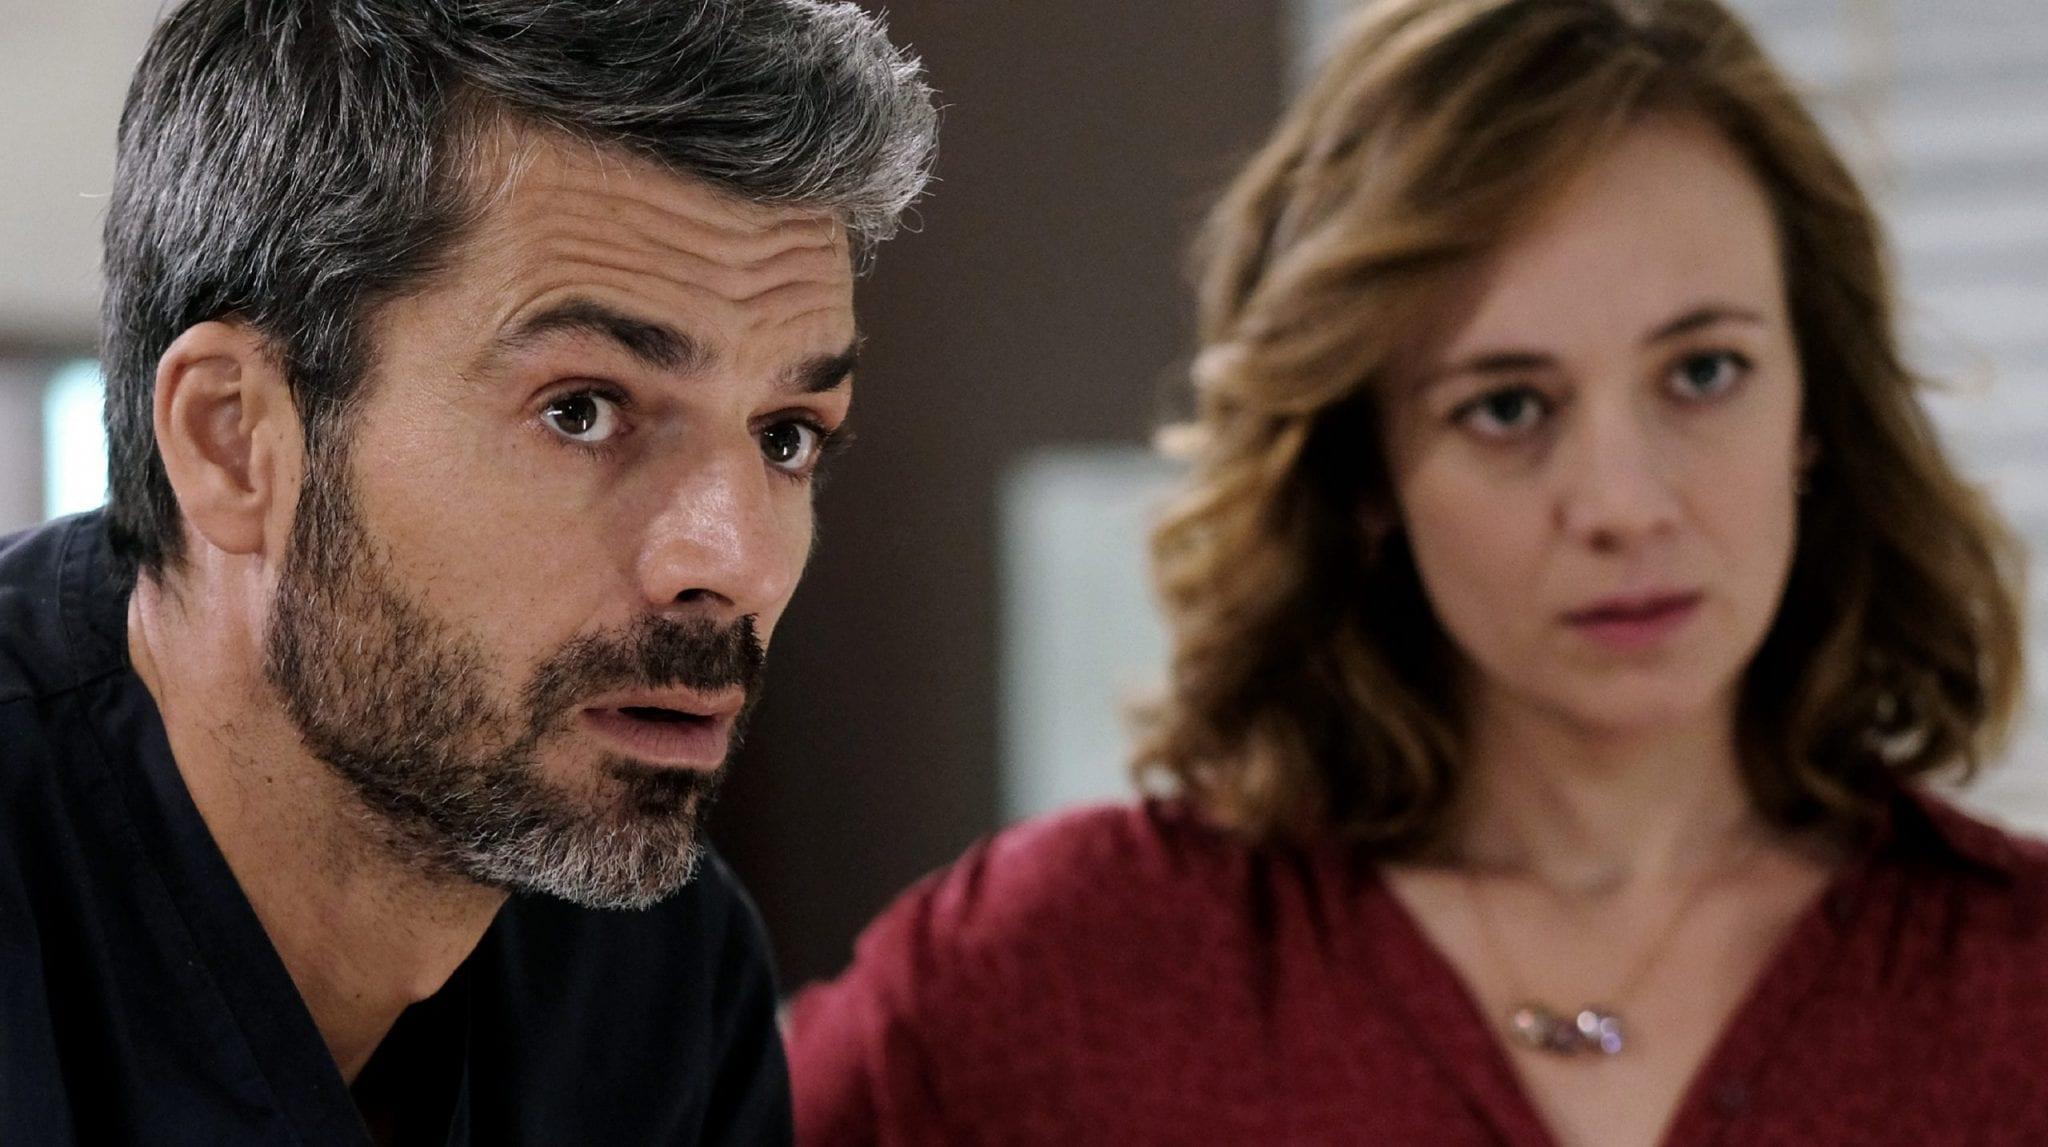 Fiction Club · DOC Nelle tue mani secondo appuntamento. Rivediamo la serie con protagonista Luca Argentero, in onda in prime time su Rai1